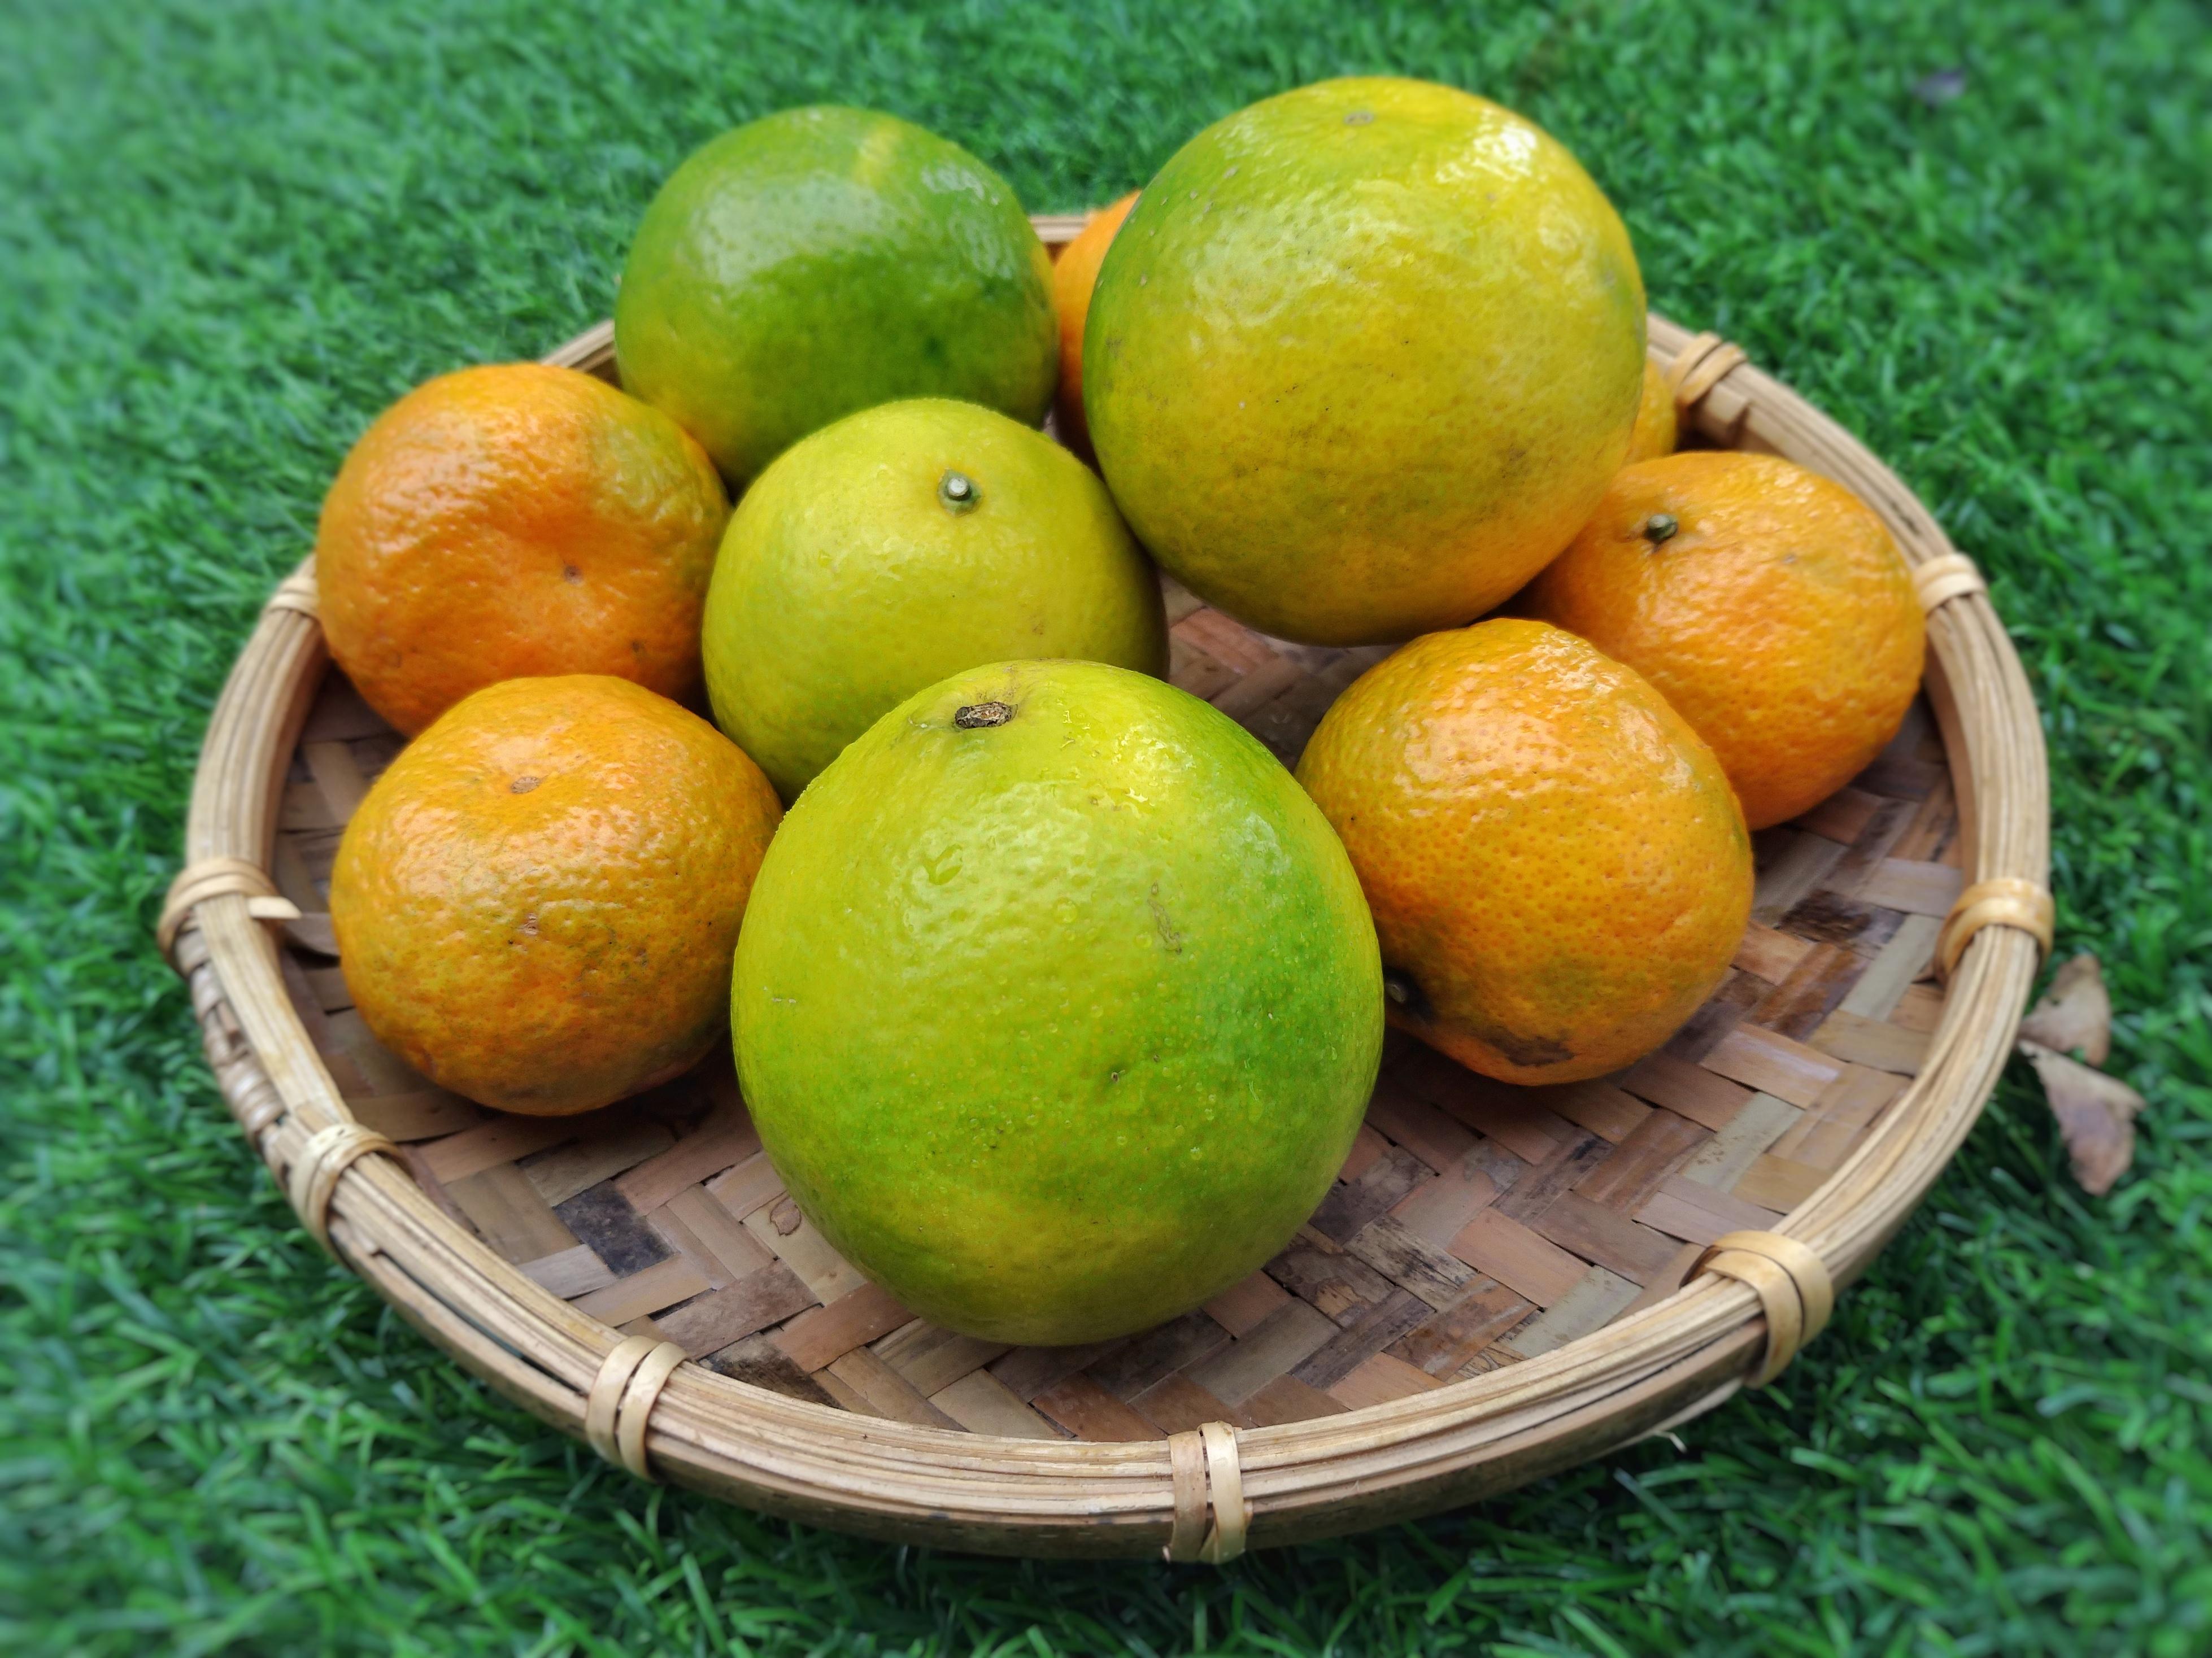 圖/青椪柑外表翠綠口感酸甜